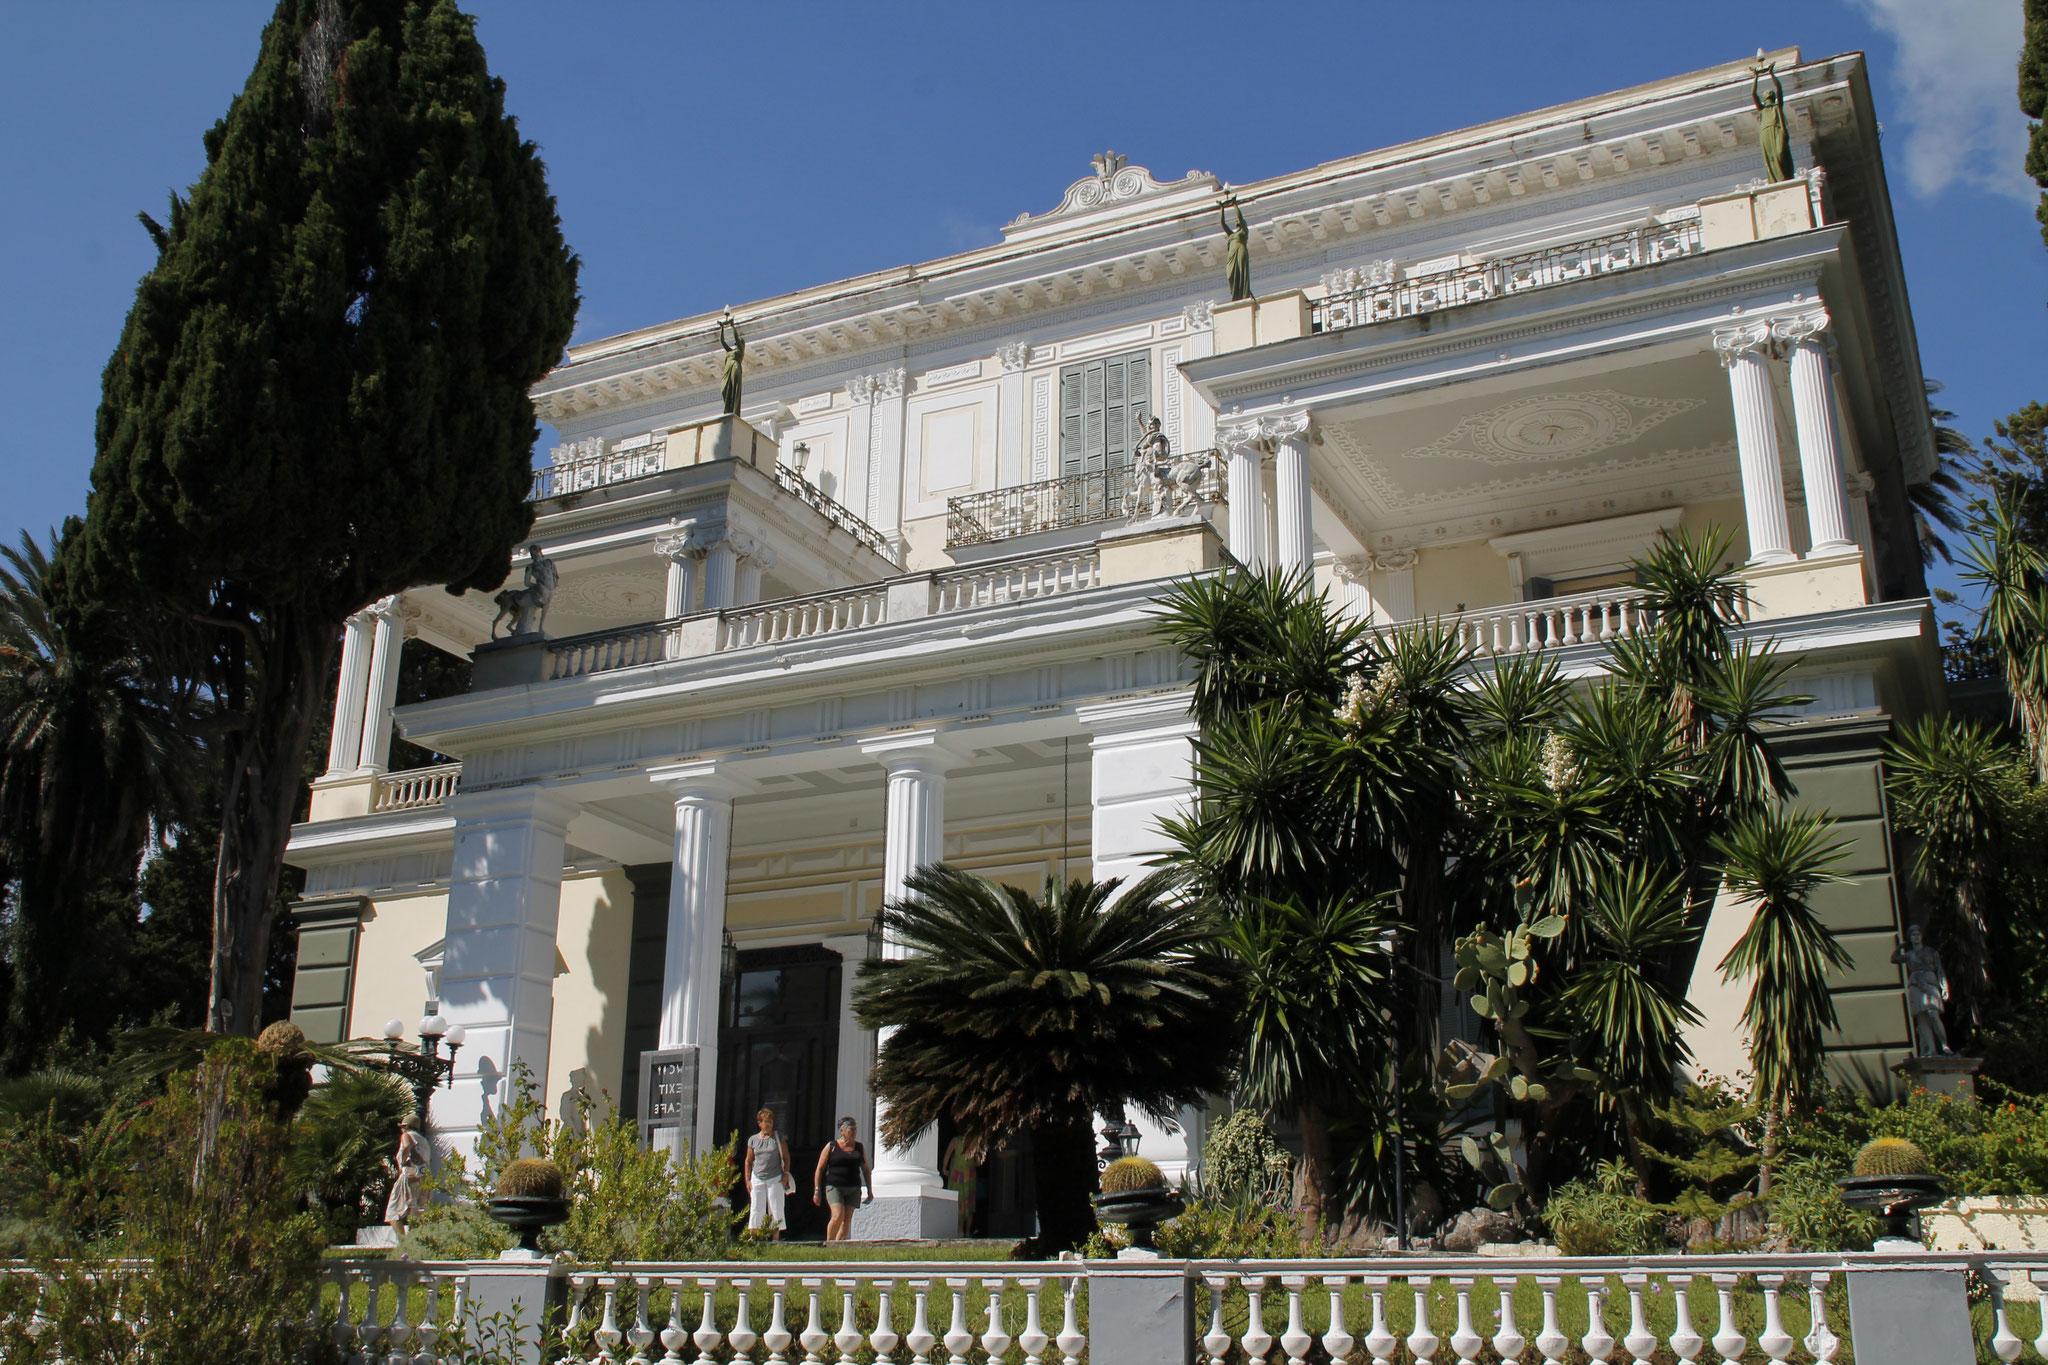 L'Achilléion, palais néoclassique de style pompéïen, construit de 1889 à 1891 par l'impératrice Sissi